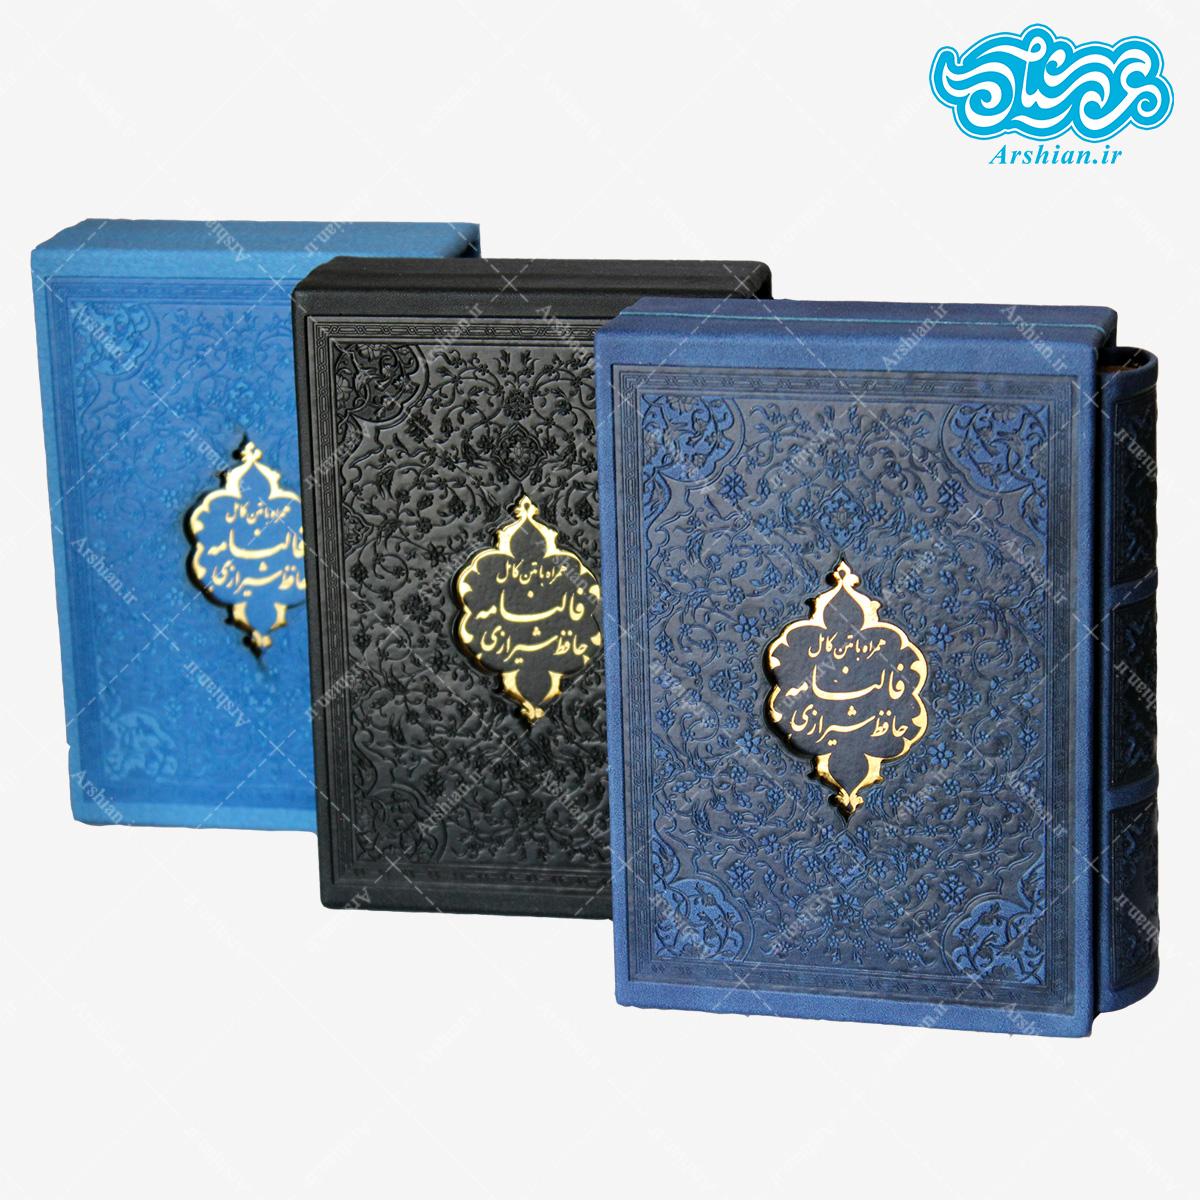 فالنامه حافظ شیرازی جیبی